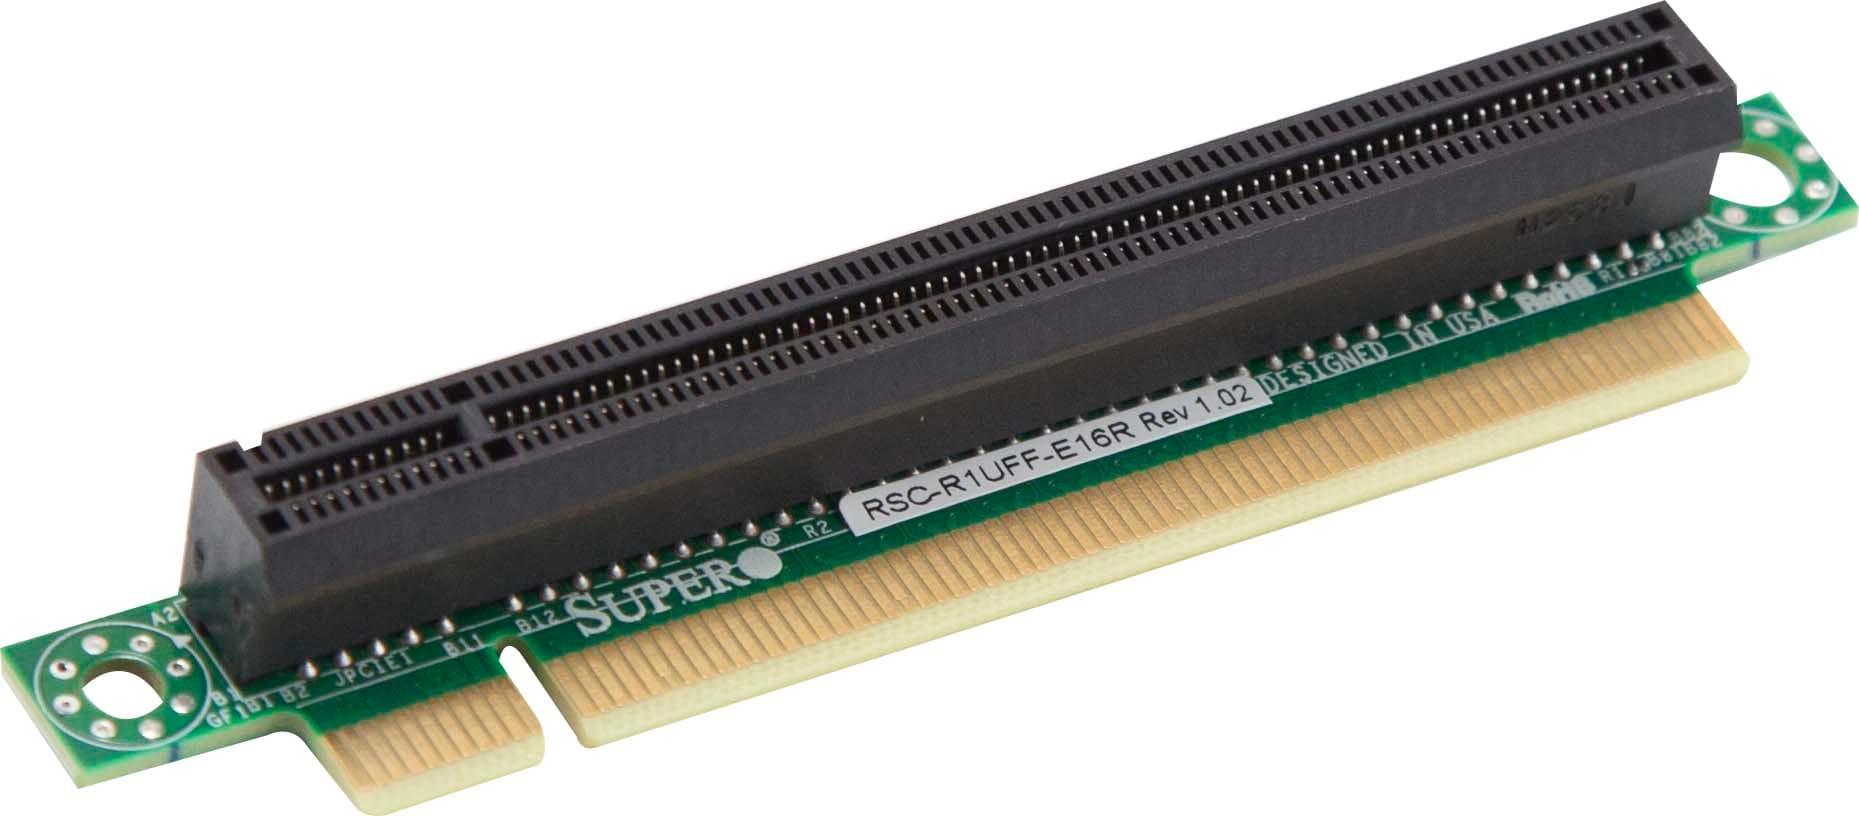 Zdjecie - RSC-R1UFF-E16R - Supermicro